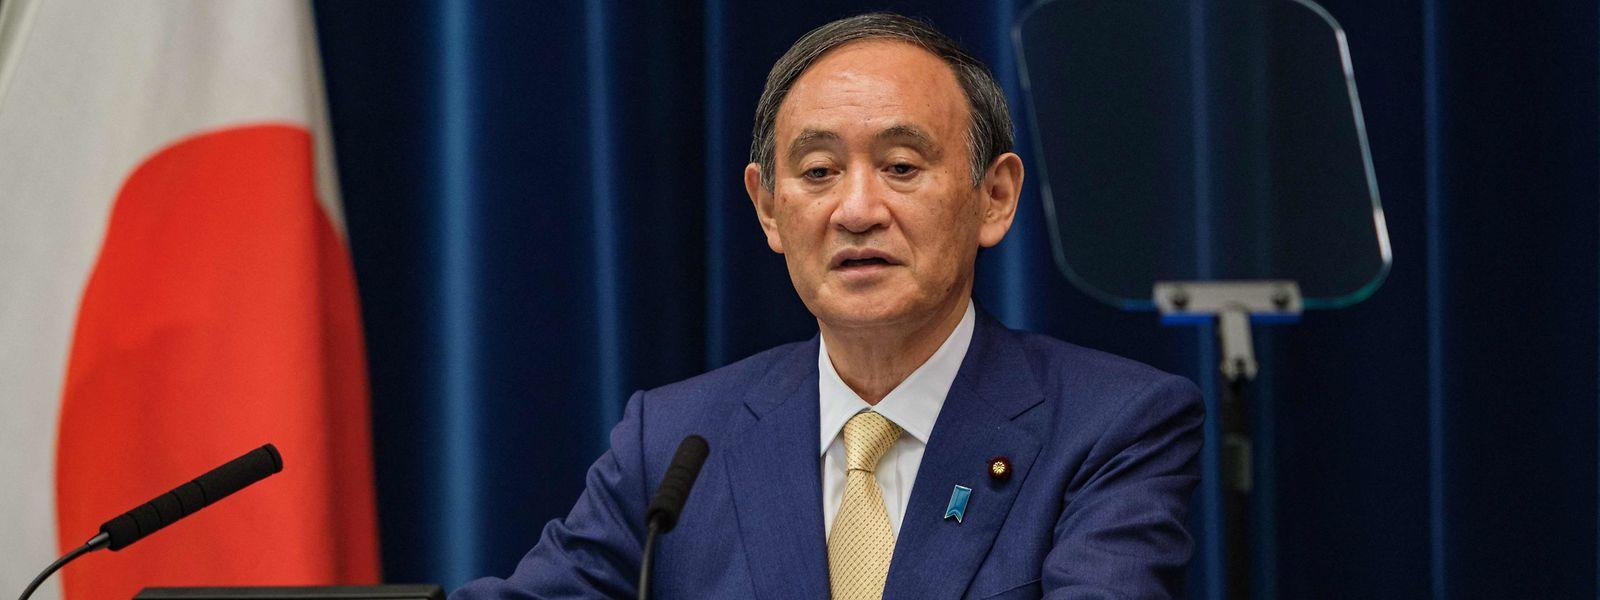 En début de journée, le Premier ministre Yoshihide Suga espérait encore pouvoir accueillir du public sur les gradins, dans des jauges très restreintes.